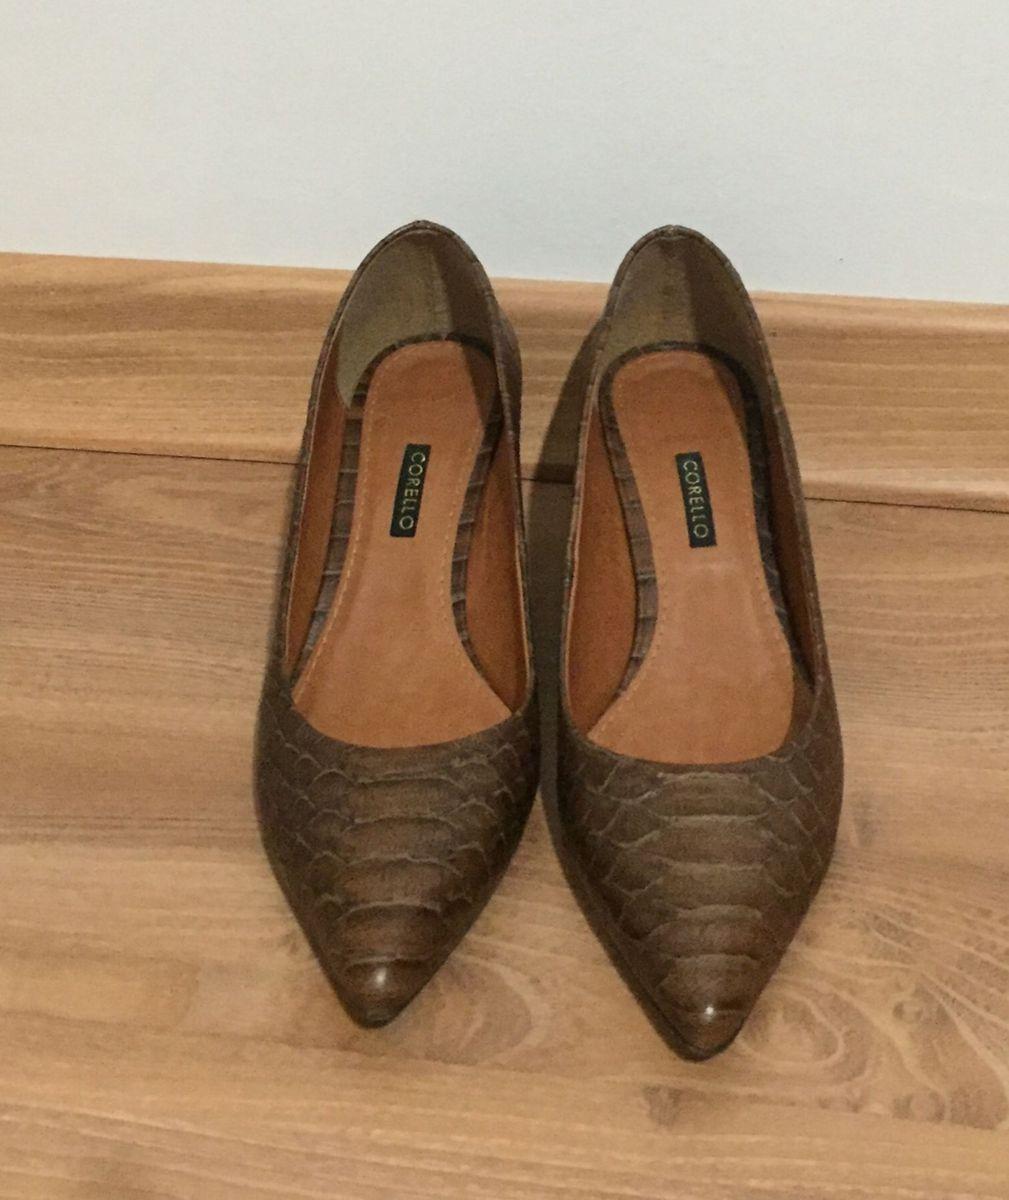 48ba7e8399 scarpin corello - sapatos corello.  Czm6ly9wag90b3muzw5qb2vplmnvbs5ici9wcm9kdwn0cy8zntk5mdivmdllyjq0yzy3ztewzmy1ytayntcwmwnkzde0zwq3yjguanbn  ...